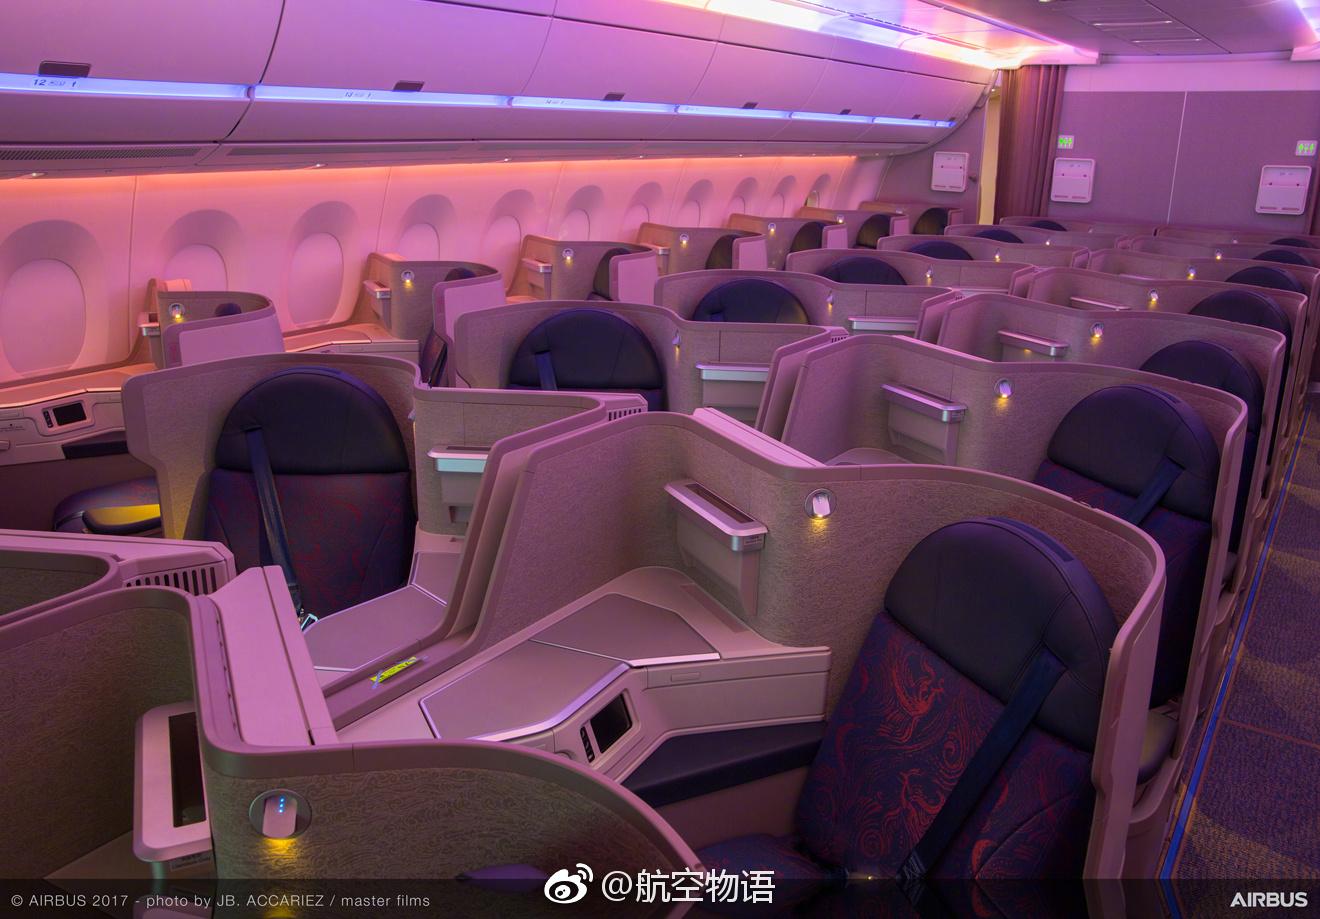 国航a350客舱曝光,商务舱和高级经济舱升级